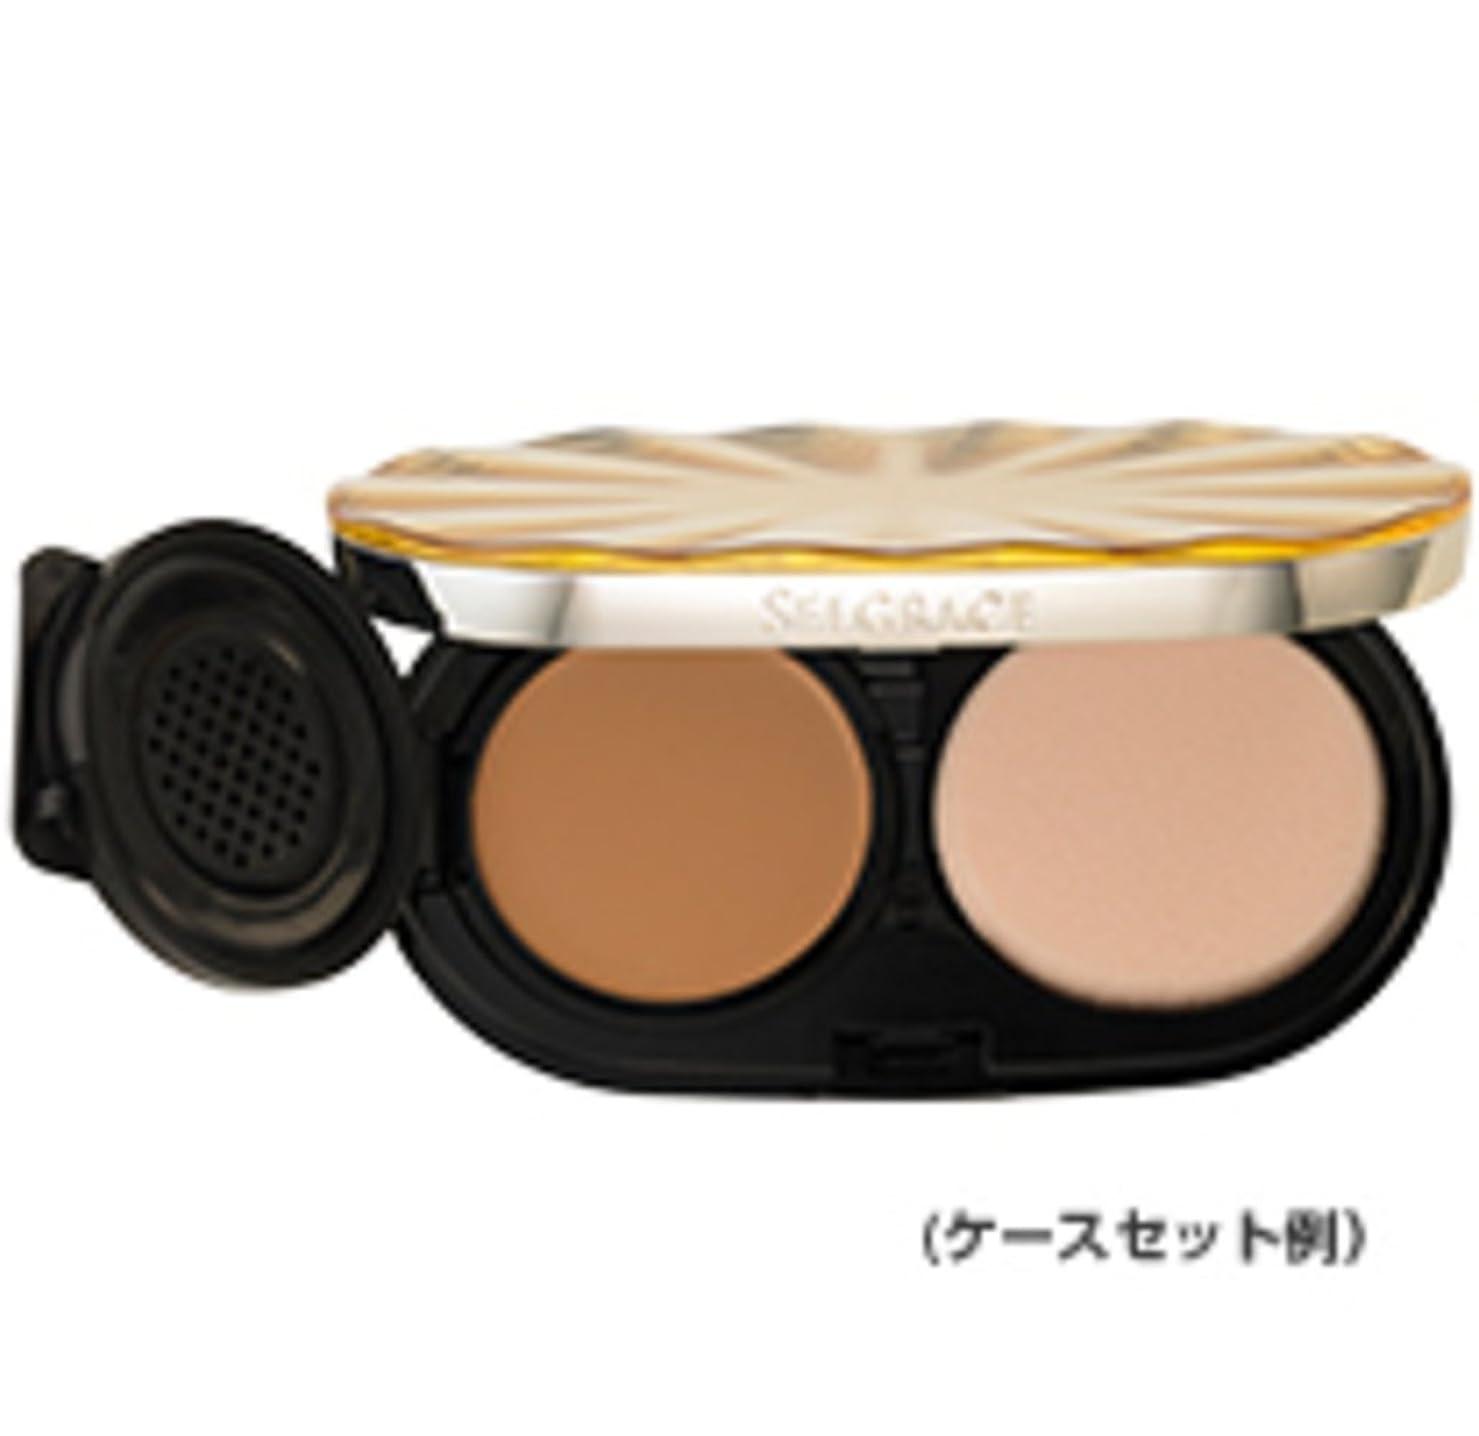 ソブリケット成熟したポータブルナリス化粧品 セルグレース ベースインパクト ファンデーション 130 ライトピンクベージュ レフィル (スポンジ付き)